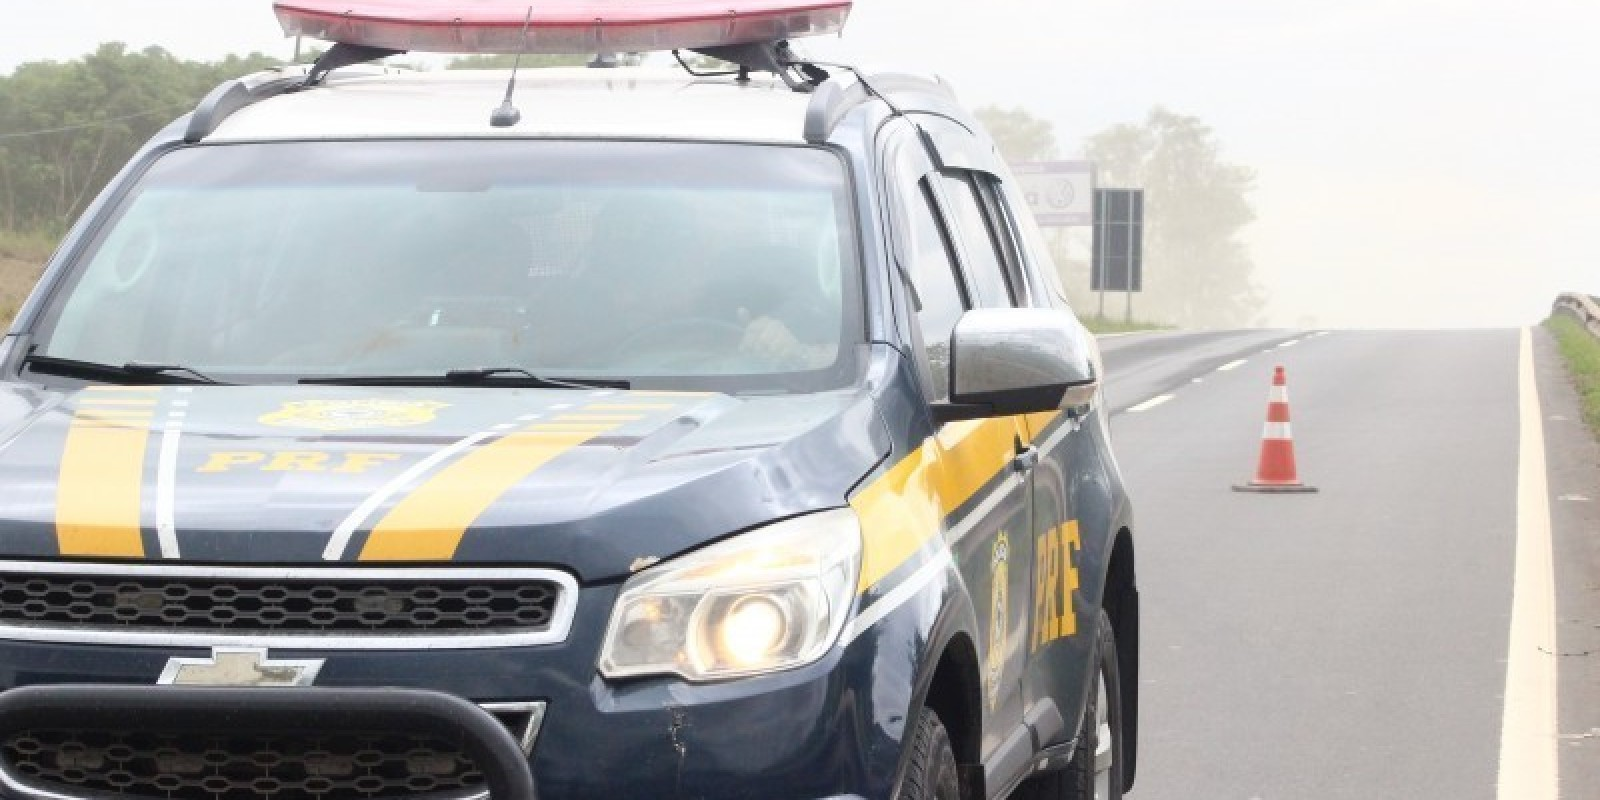 Motociclista é encaminhado ao hospital após acidente na BR-101